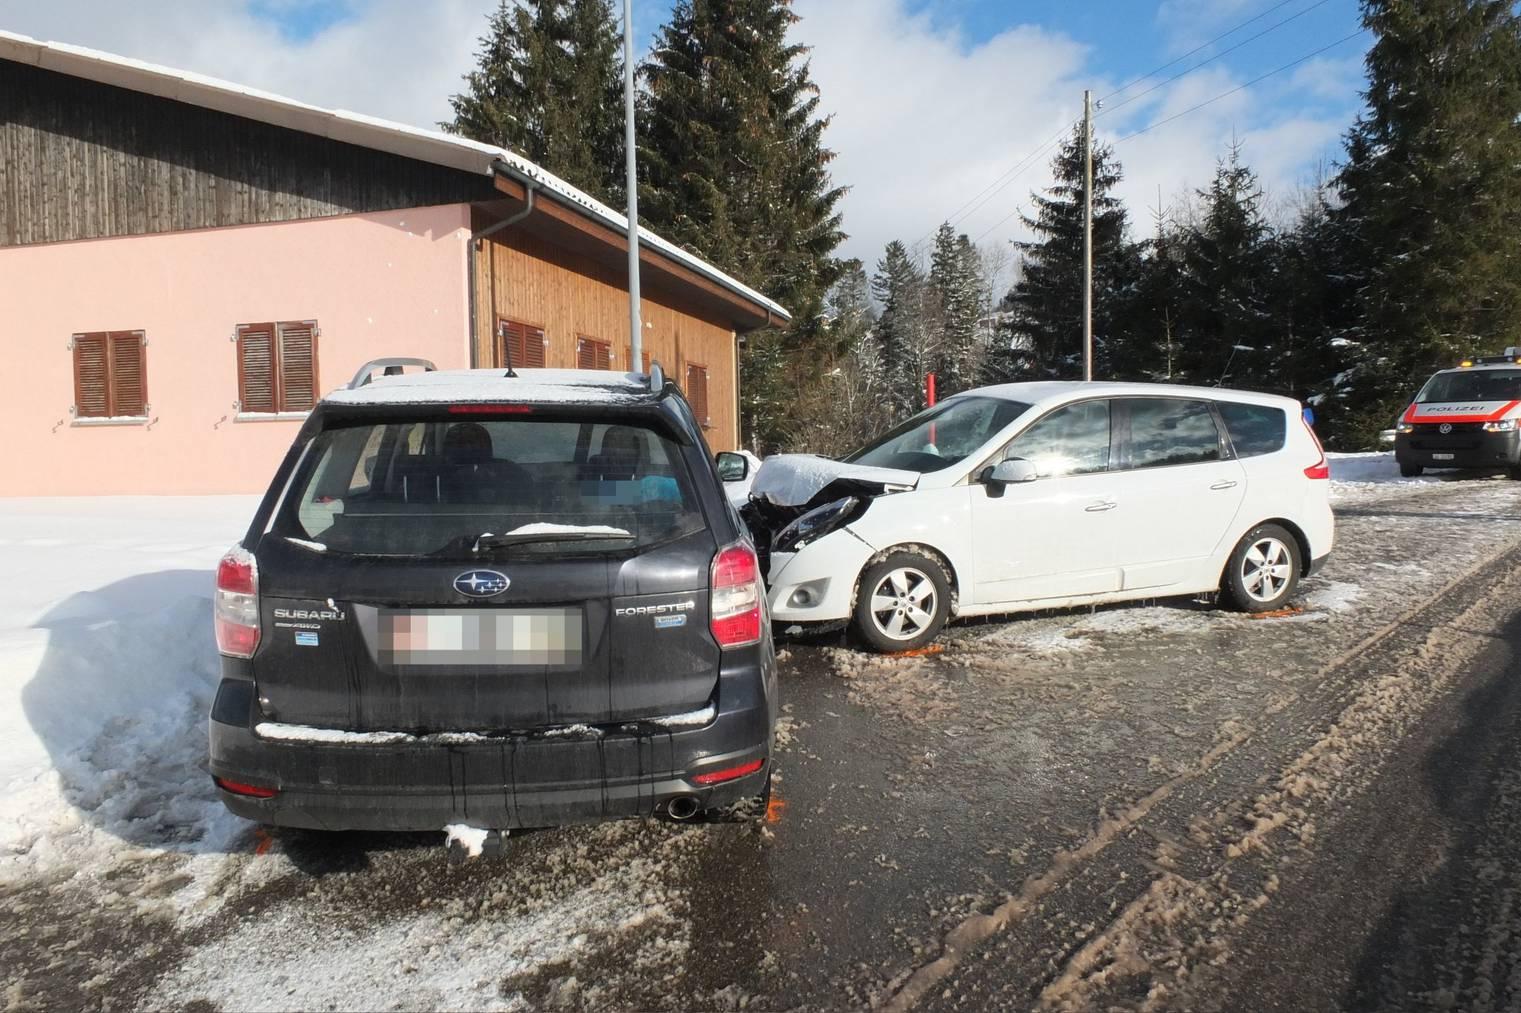 Trotz heftigem Aufprall wurde beim Unfall bei Oberhelfenschwil niemand verletzt. © Kapo SG